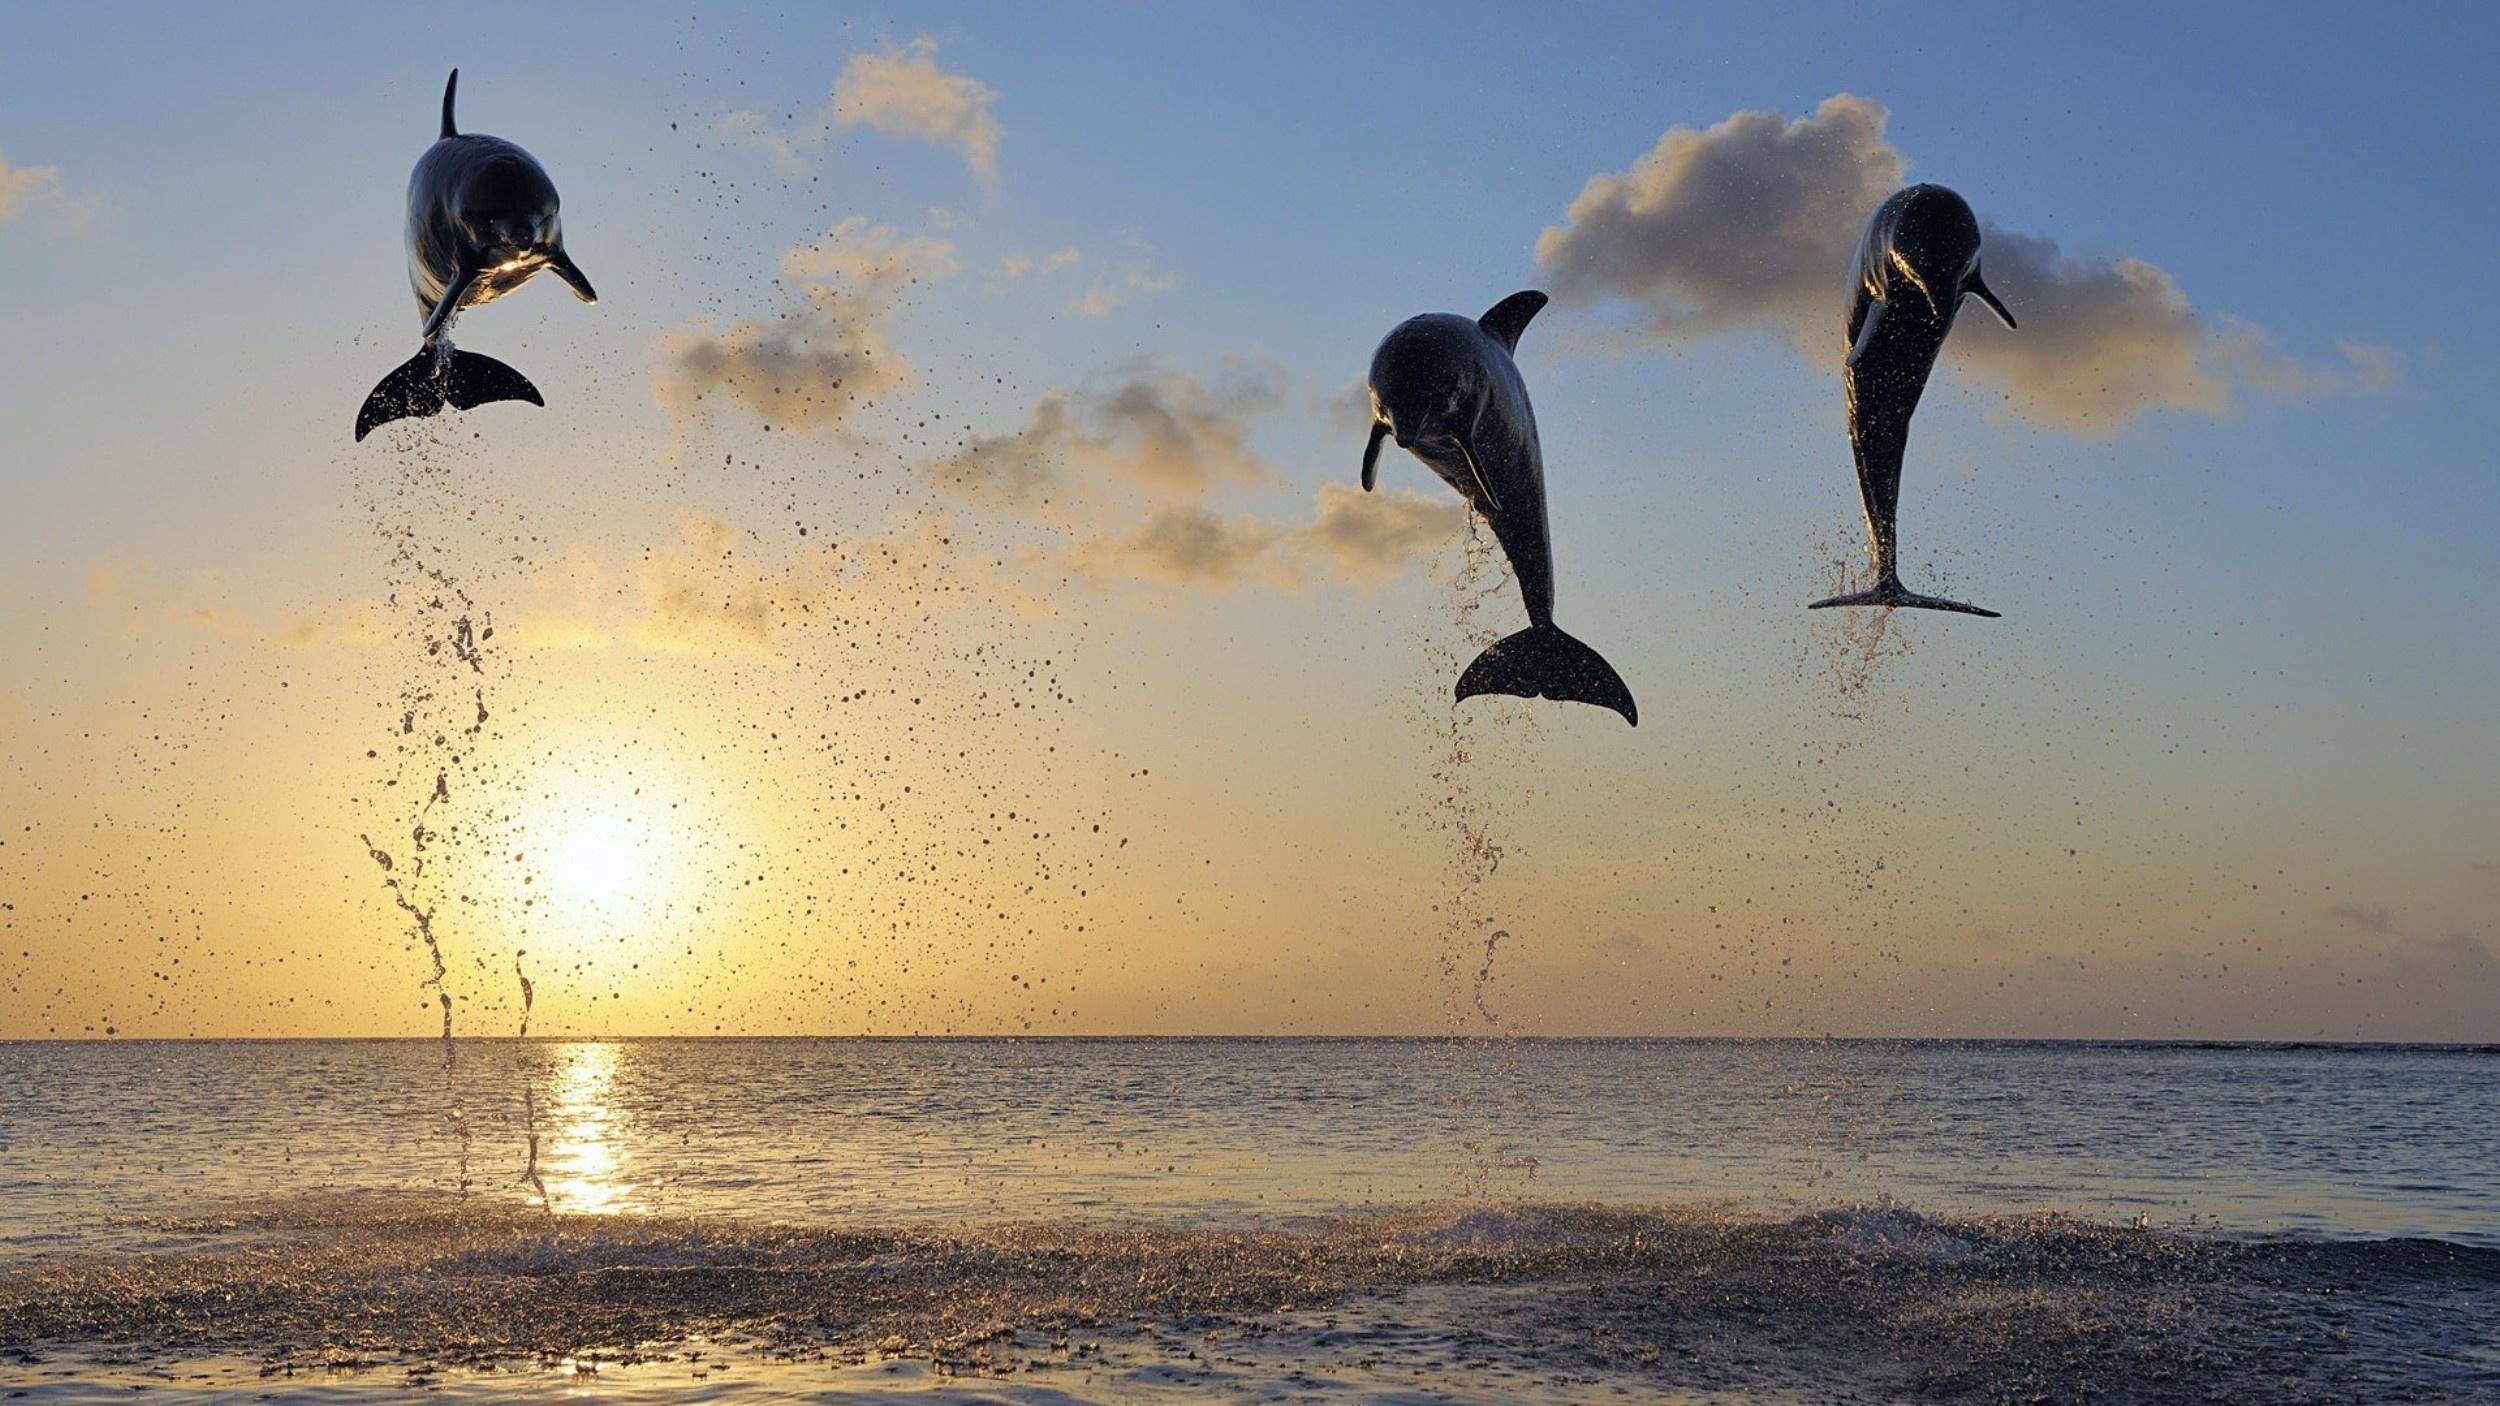 Красивые, суперского настроения и море позитива картинки